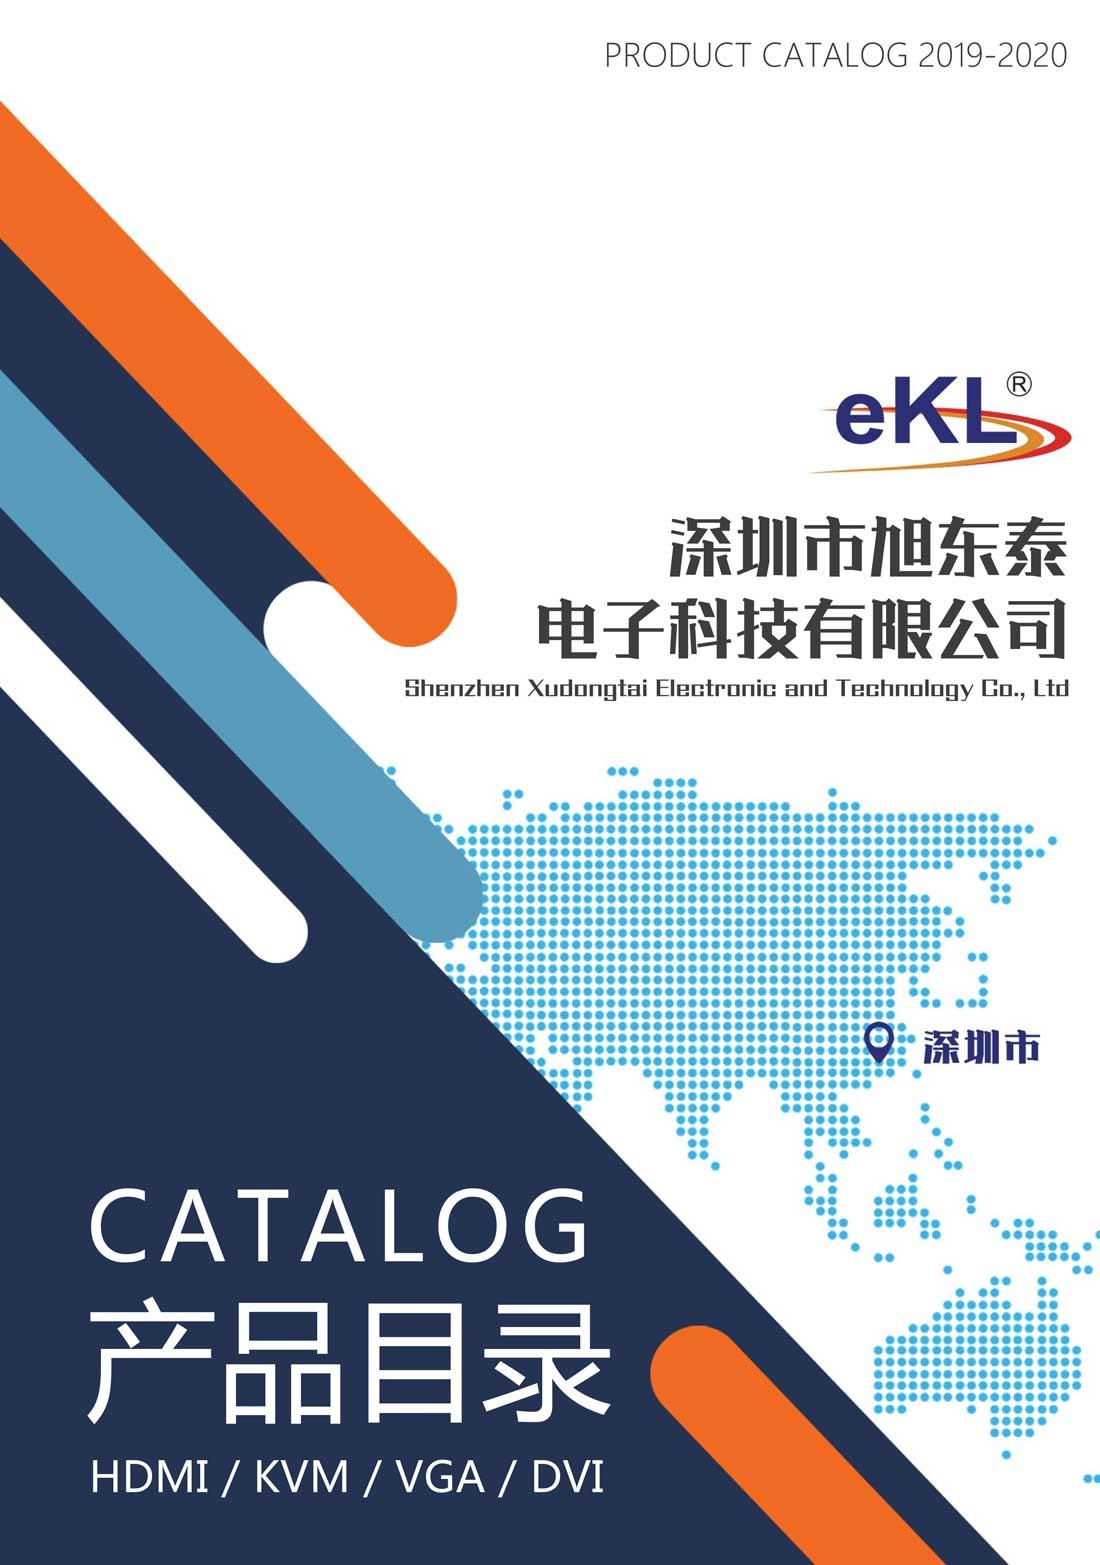 切换器优质供应商产品彩页2019封面图